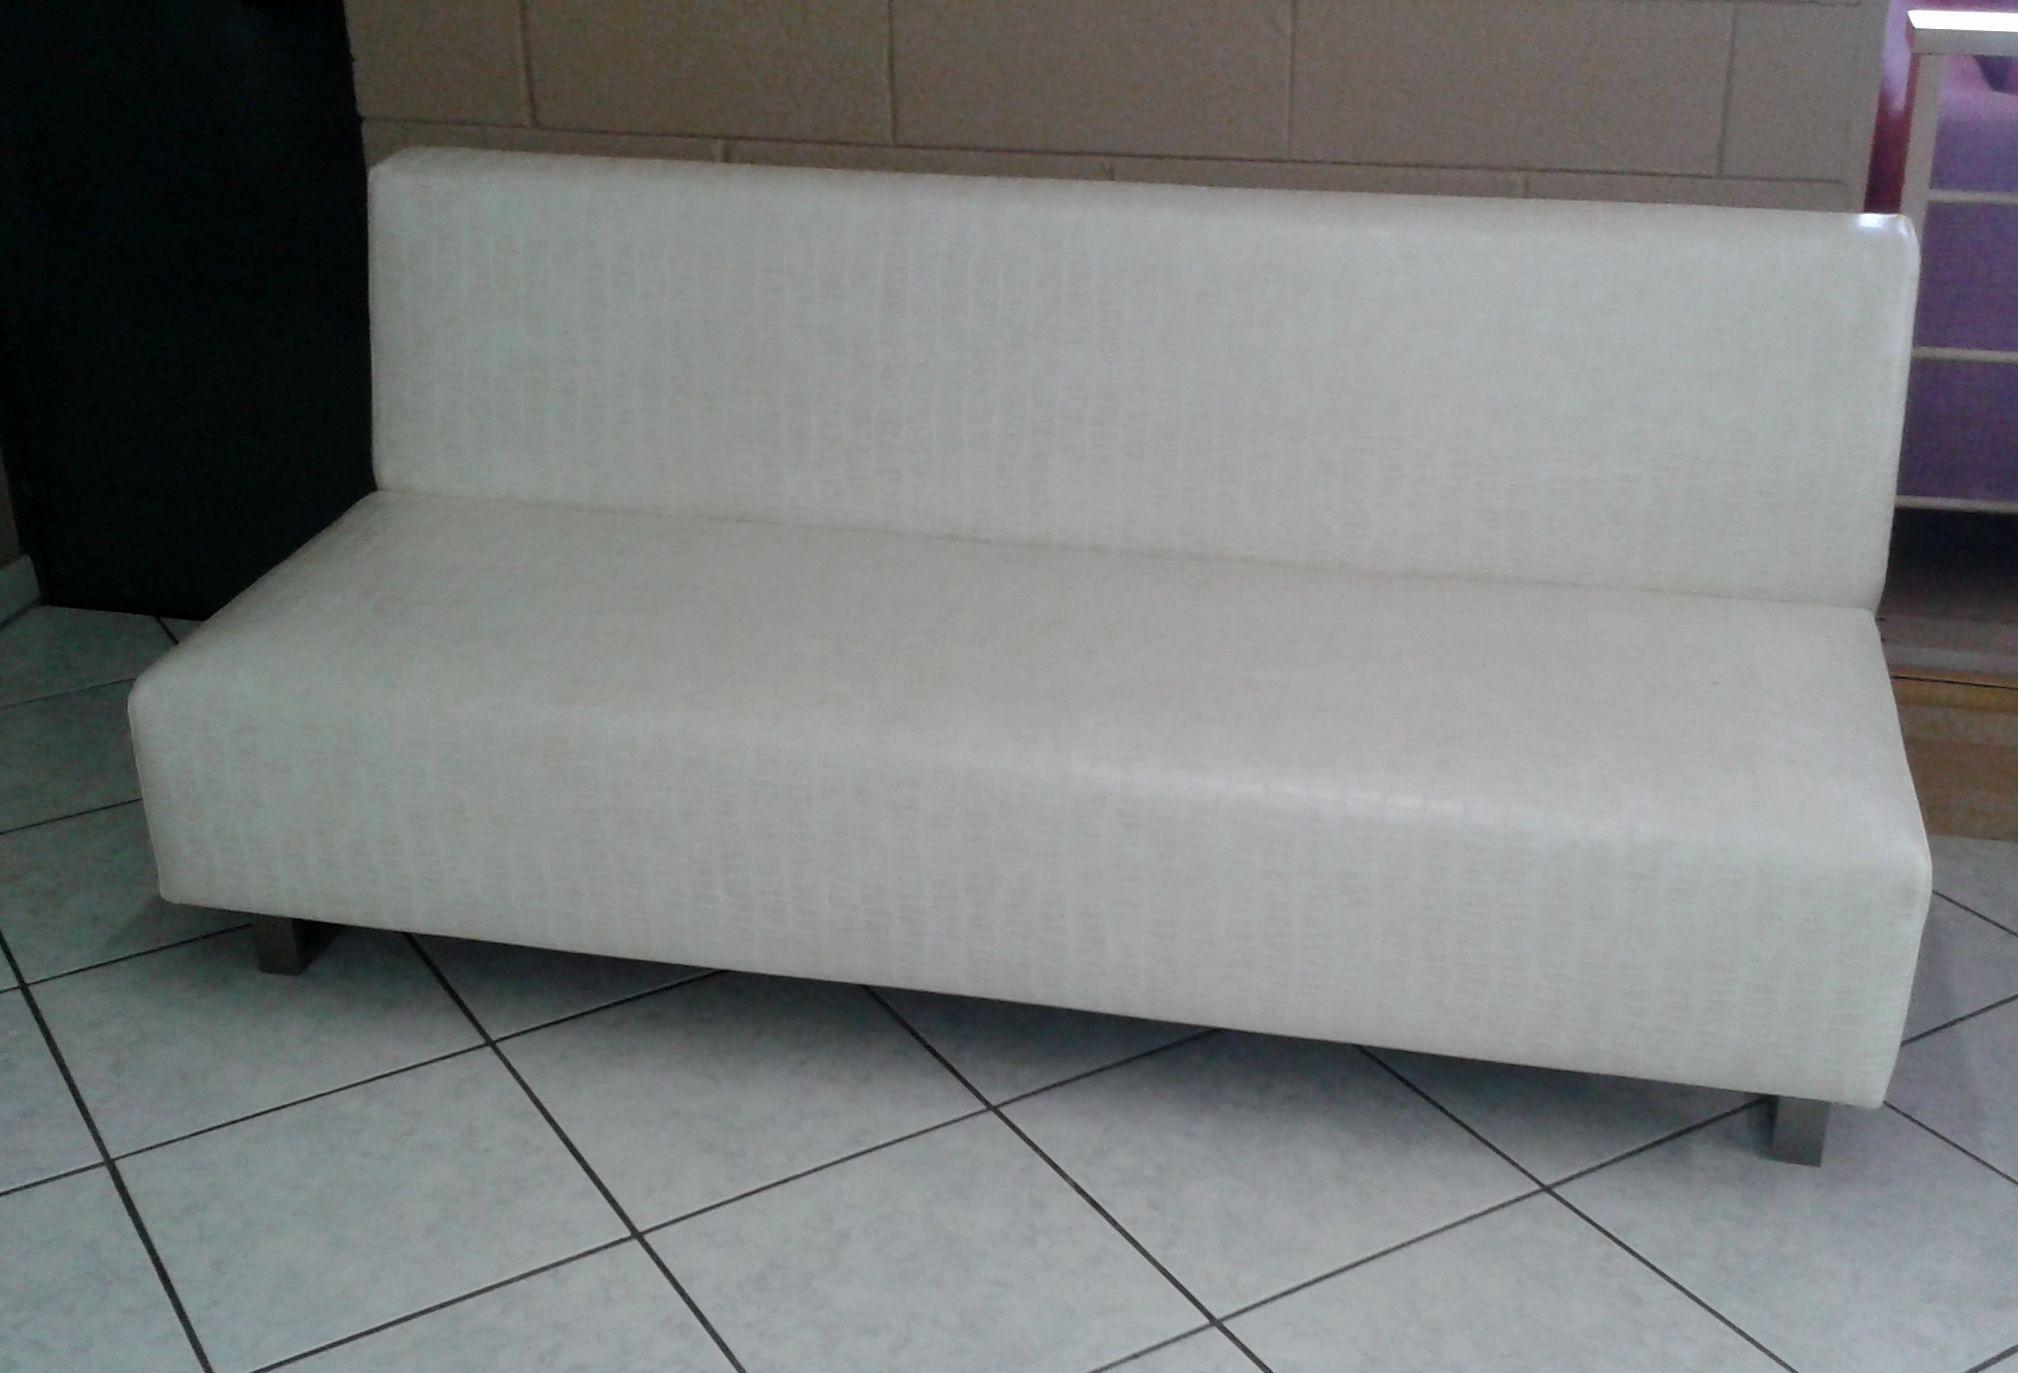 Arredamenti giulia camera letto - Ikea panca contenitore ...